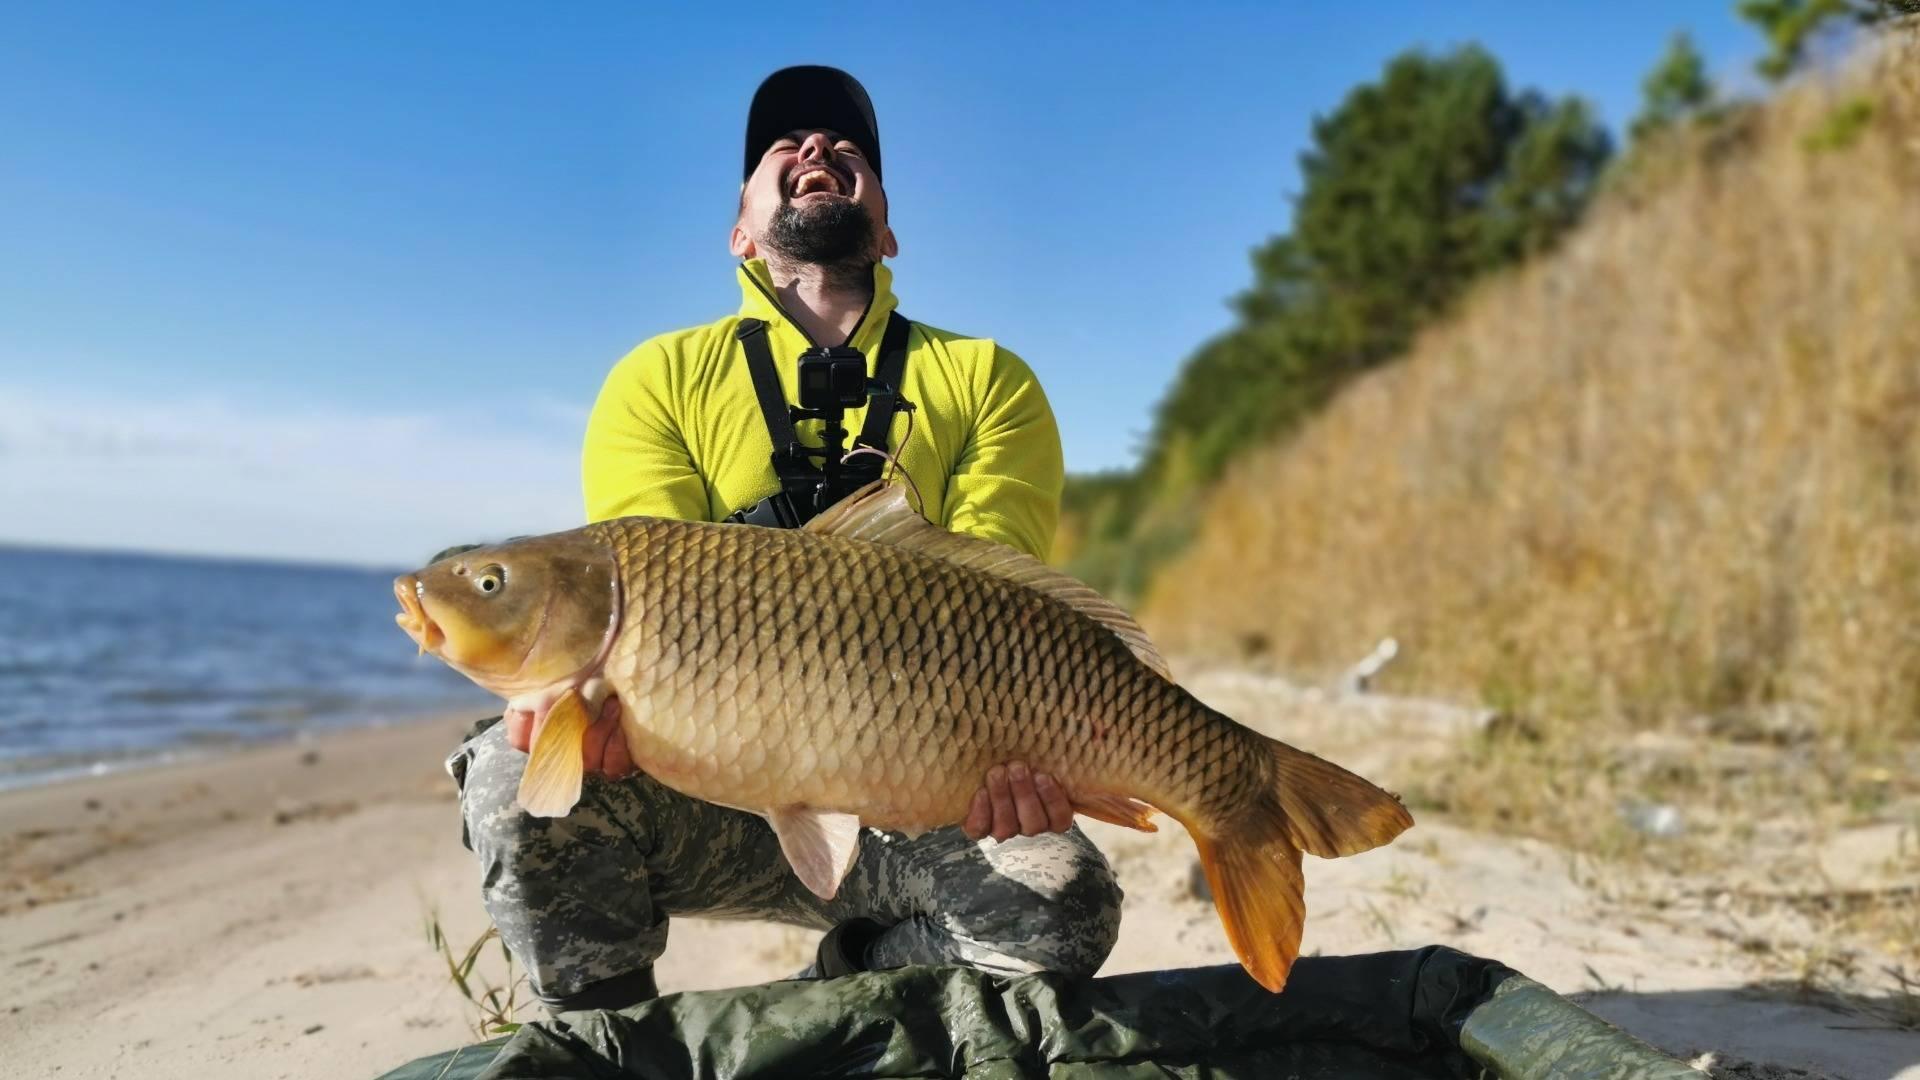 Трофейная рыбалка сазана в поймах волги, ахтубы и митинки на рыболовной базе пристань рыбака, расположенной близ харабали и астрахани, 8 (800) 555-45-44